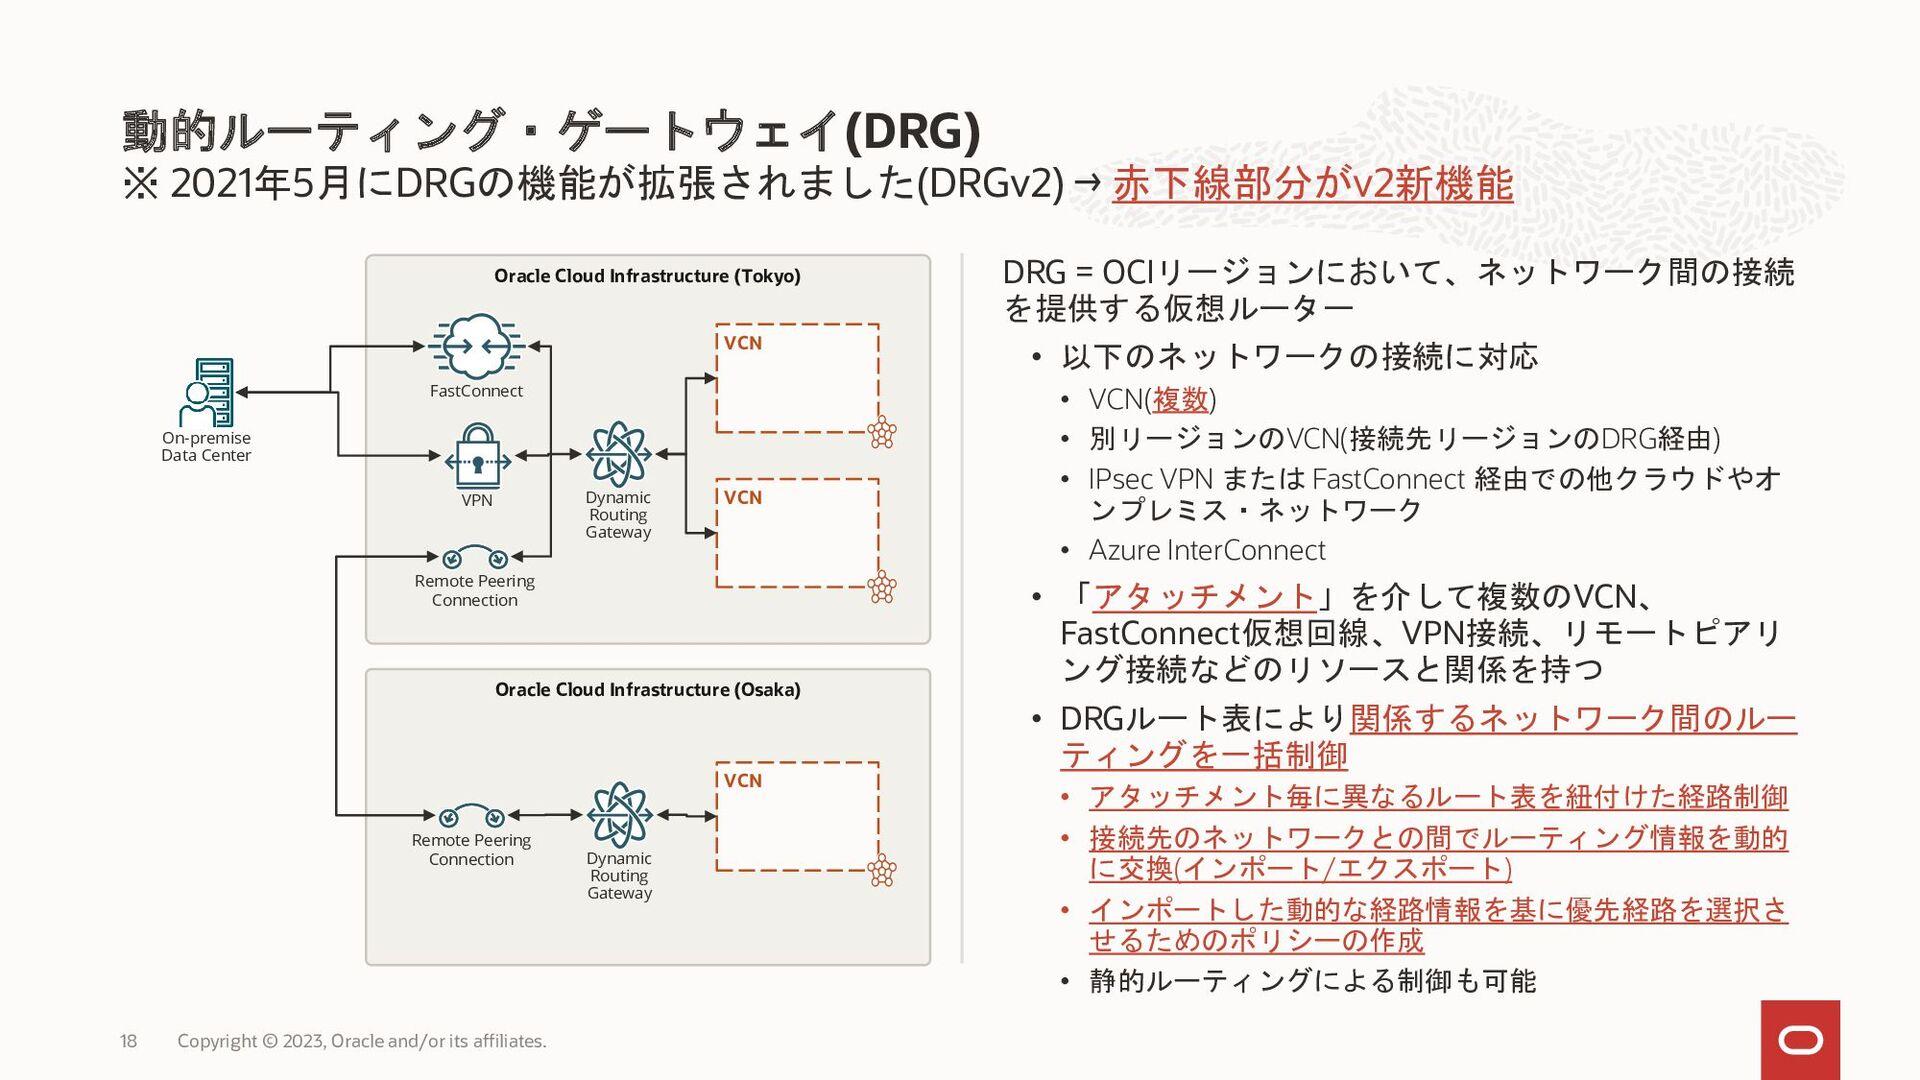 VCN 10.0.0.0/16 B 10.0.2.0/24 VCN OCI • • OCI •...